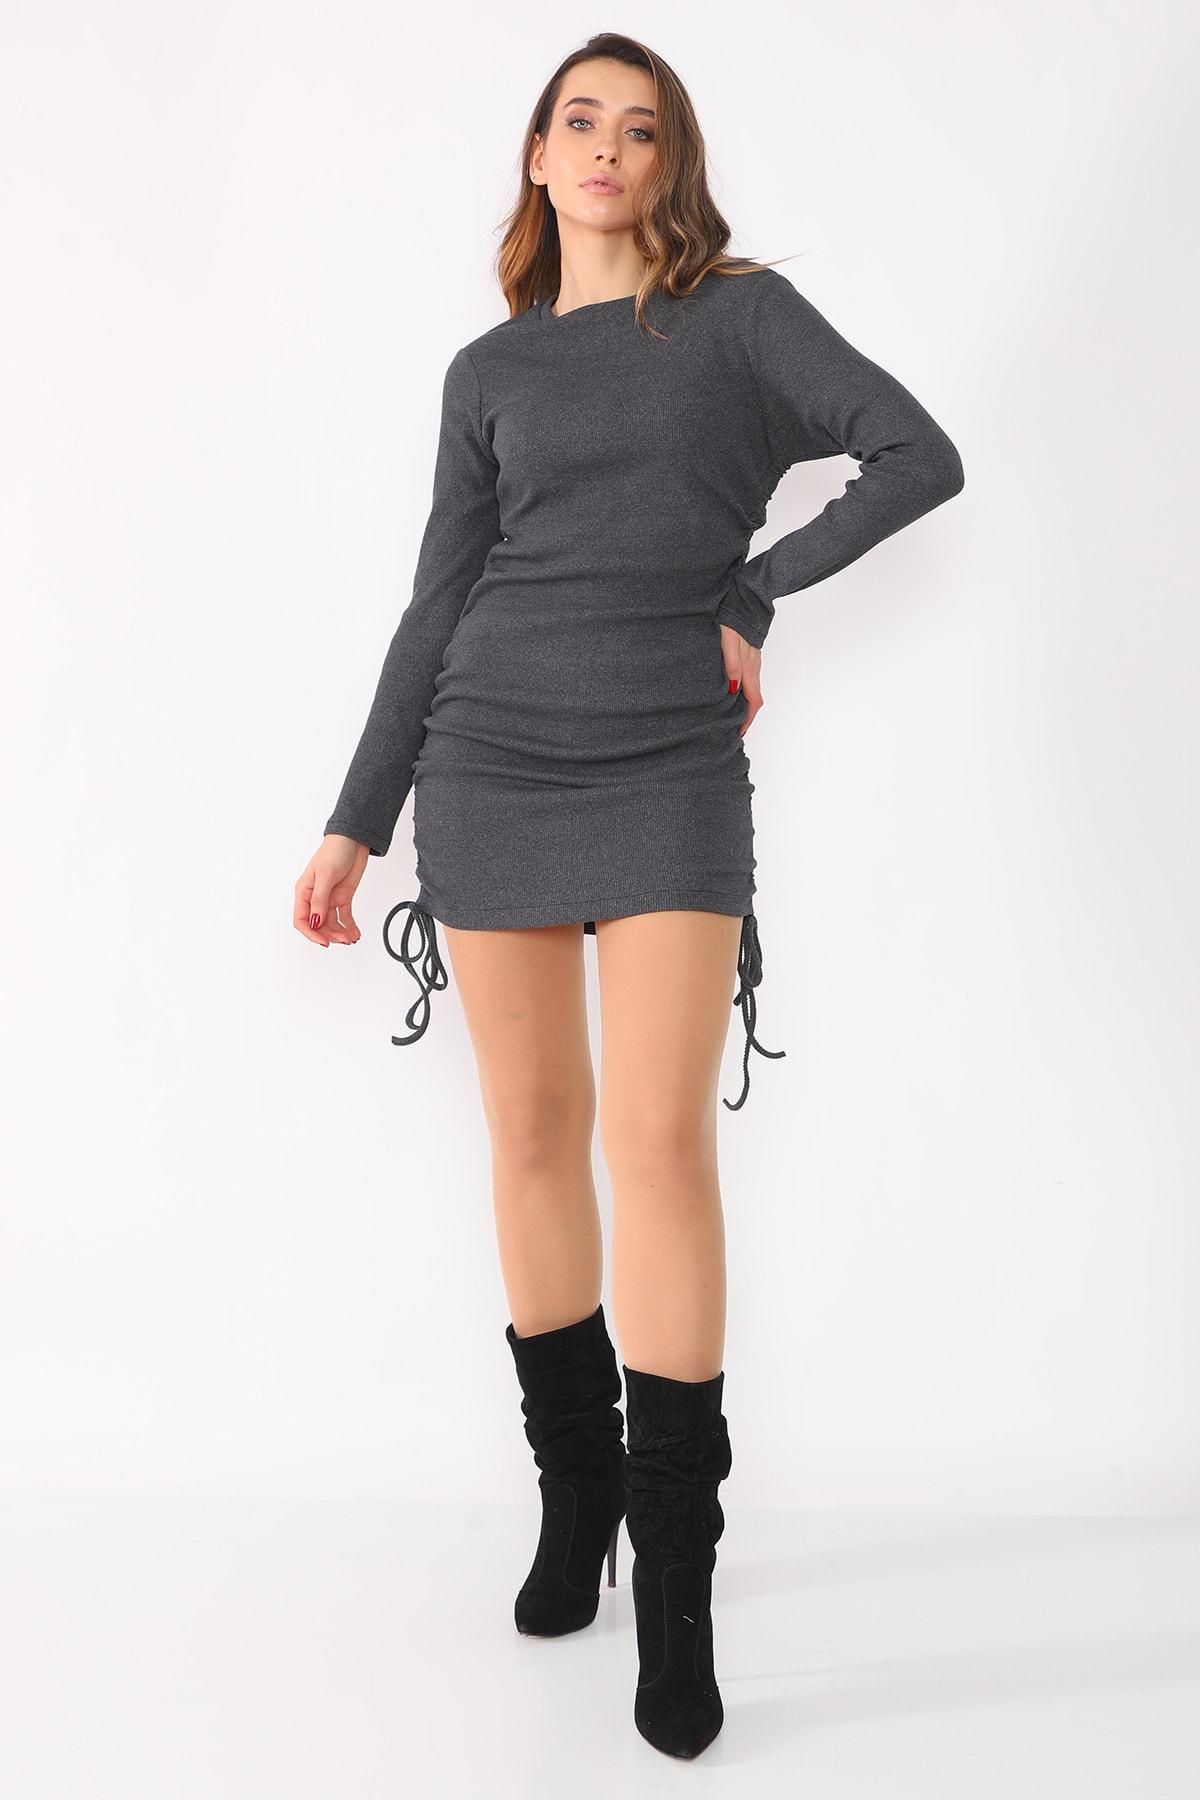 etselements Kadın Gri Yanları Büzgülü Kaşkorse Elbise 2